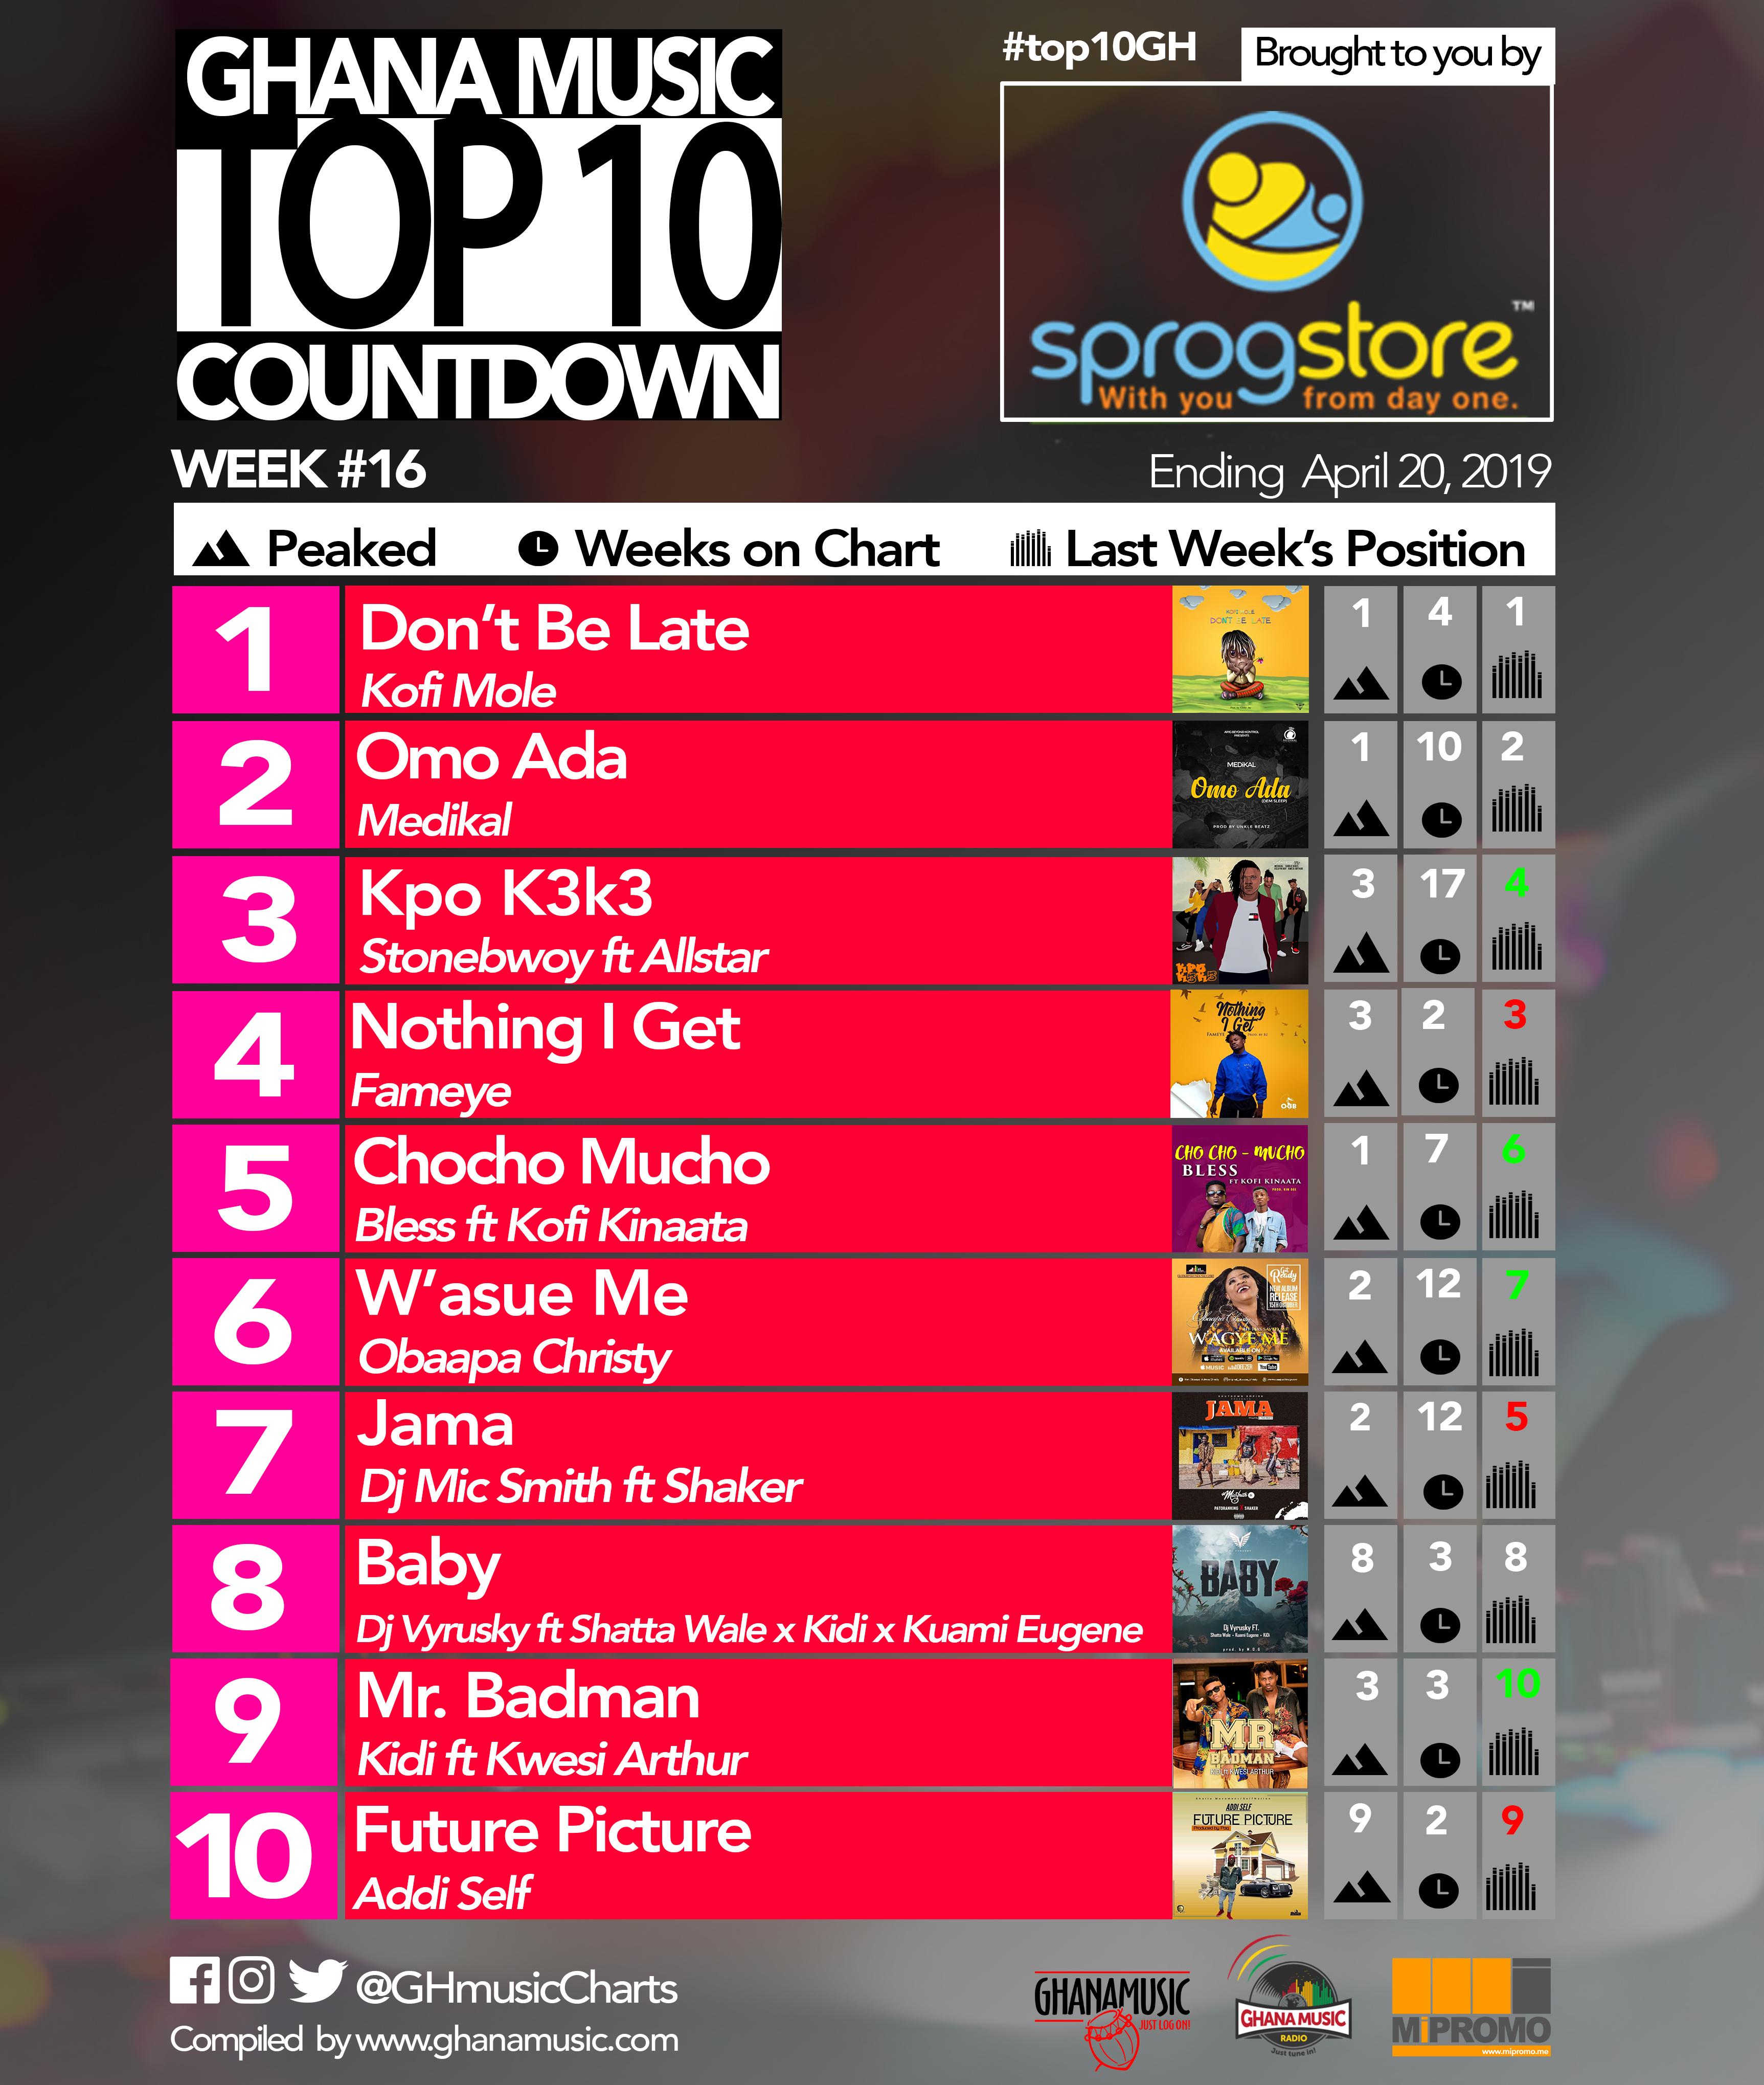 Week 16: Ghana Music Top 10 Countdown